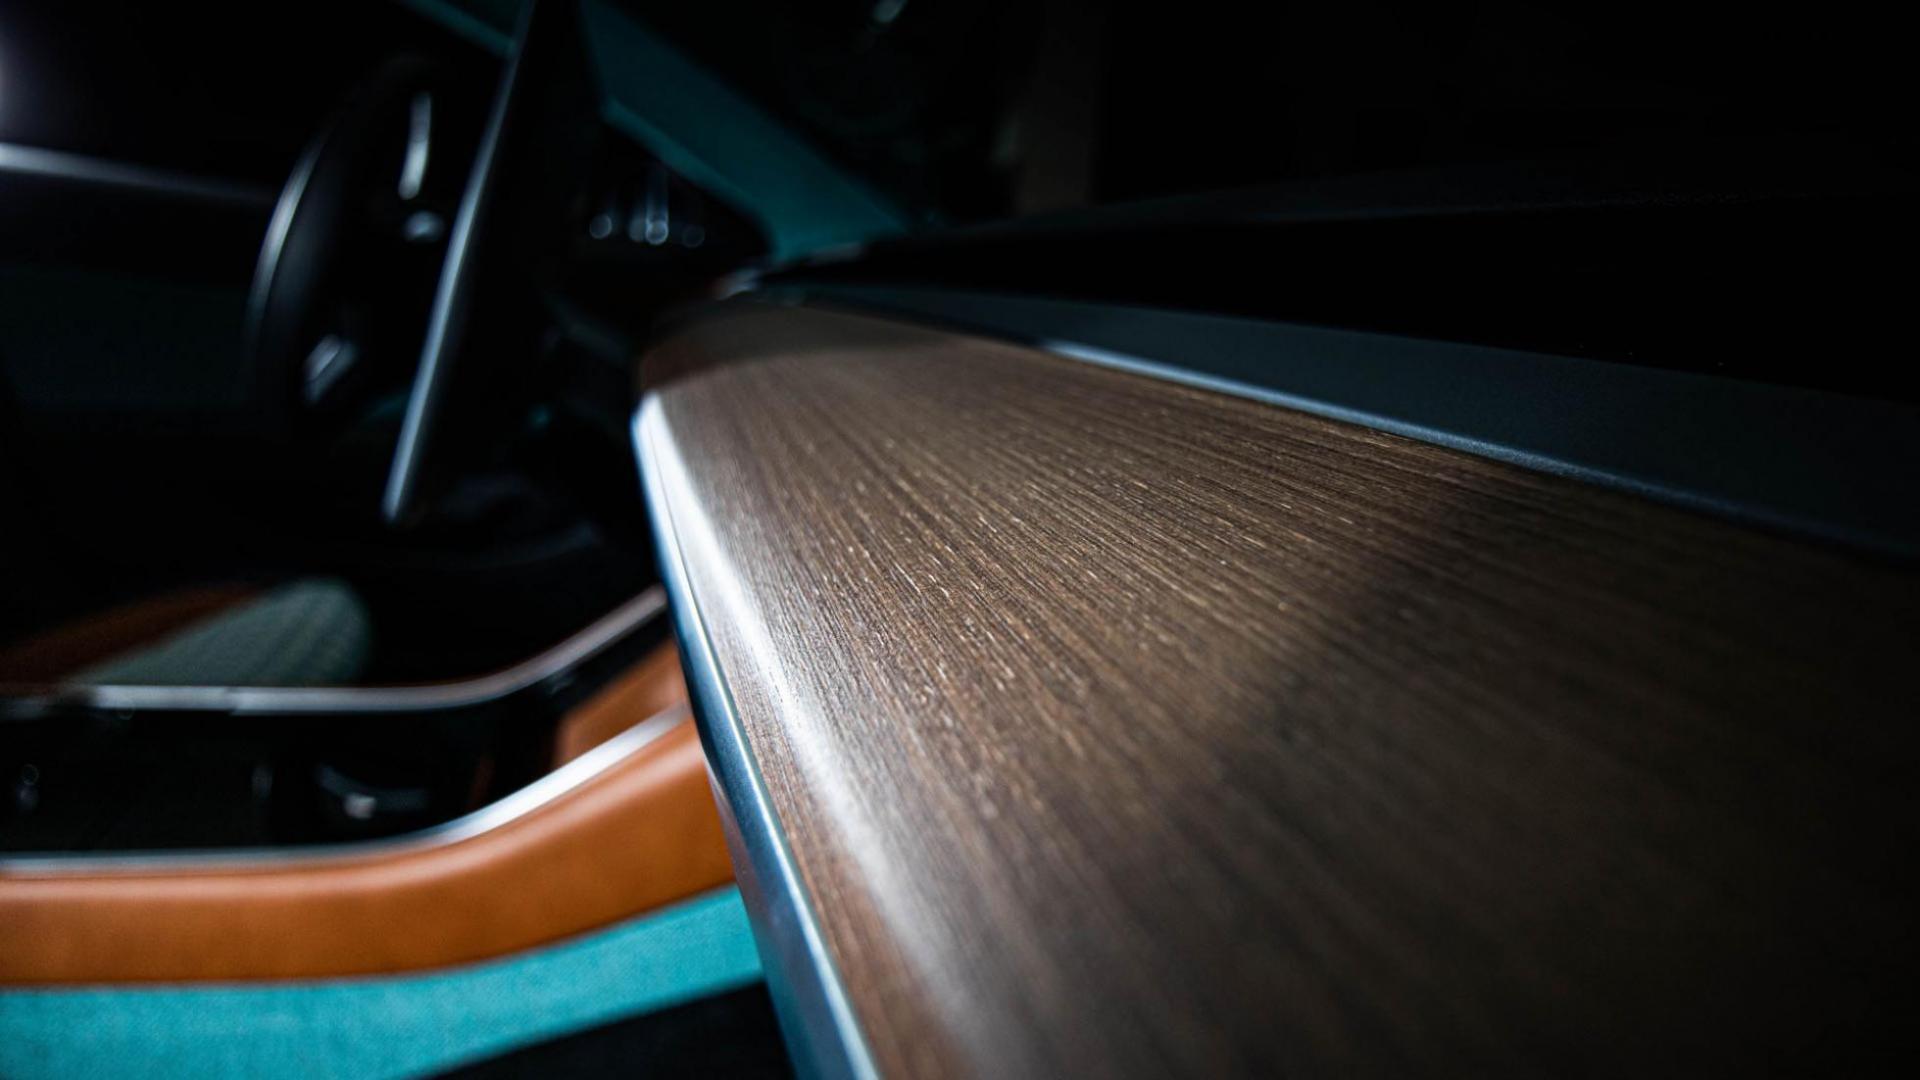 Tesla Model 3 Vilner interieur detail houten paneel